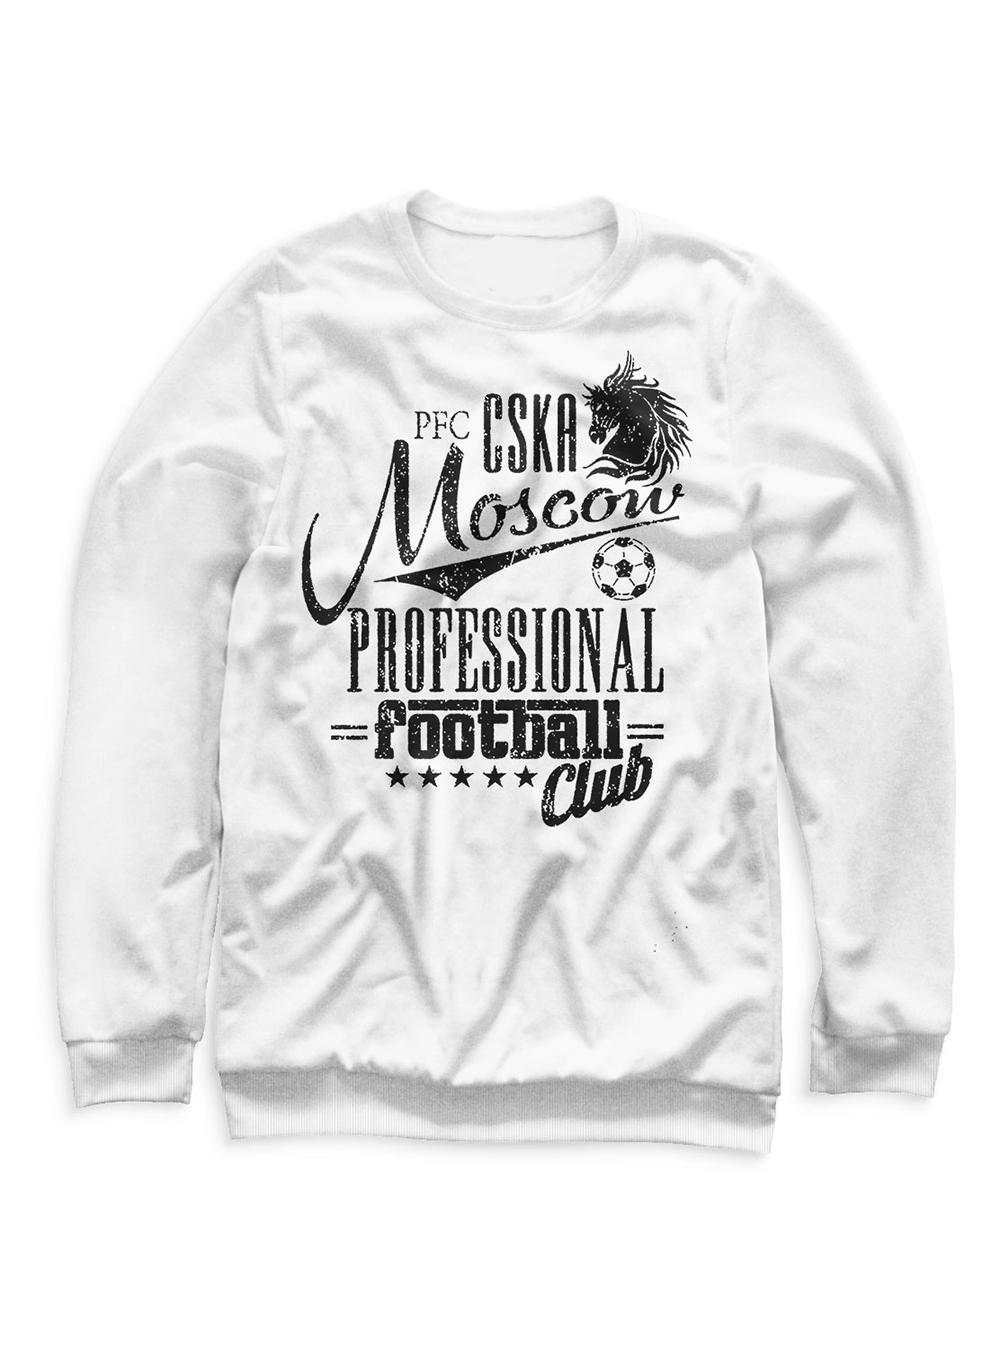 Купить Свитшот женский «PFC CSKA Moscow», цвет белый (L) по Нижнему Новгороду